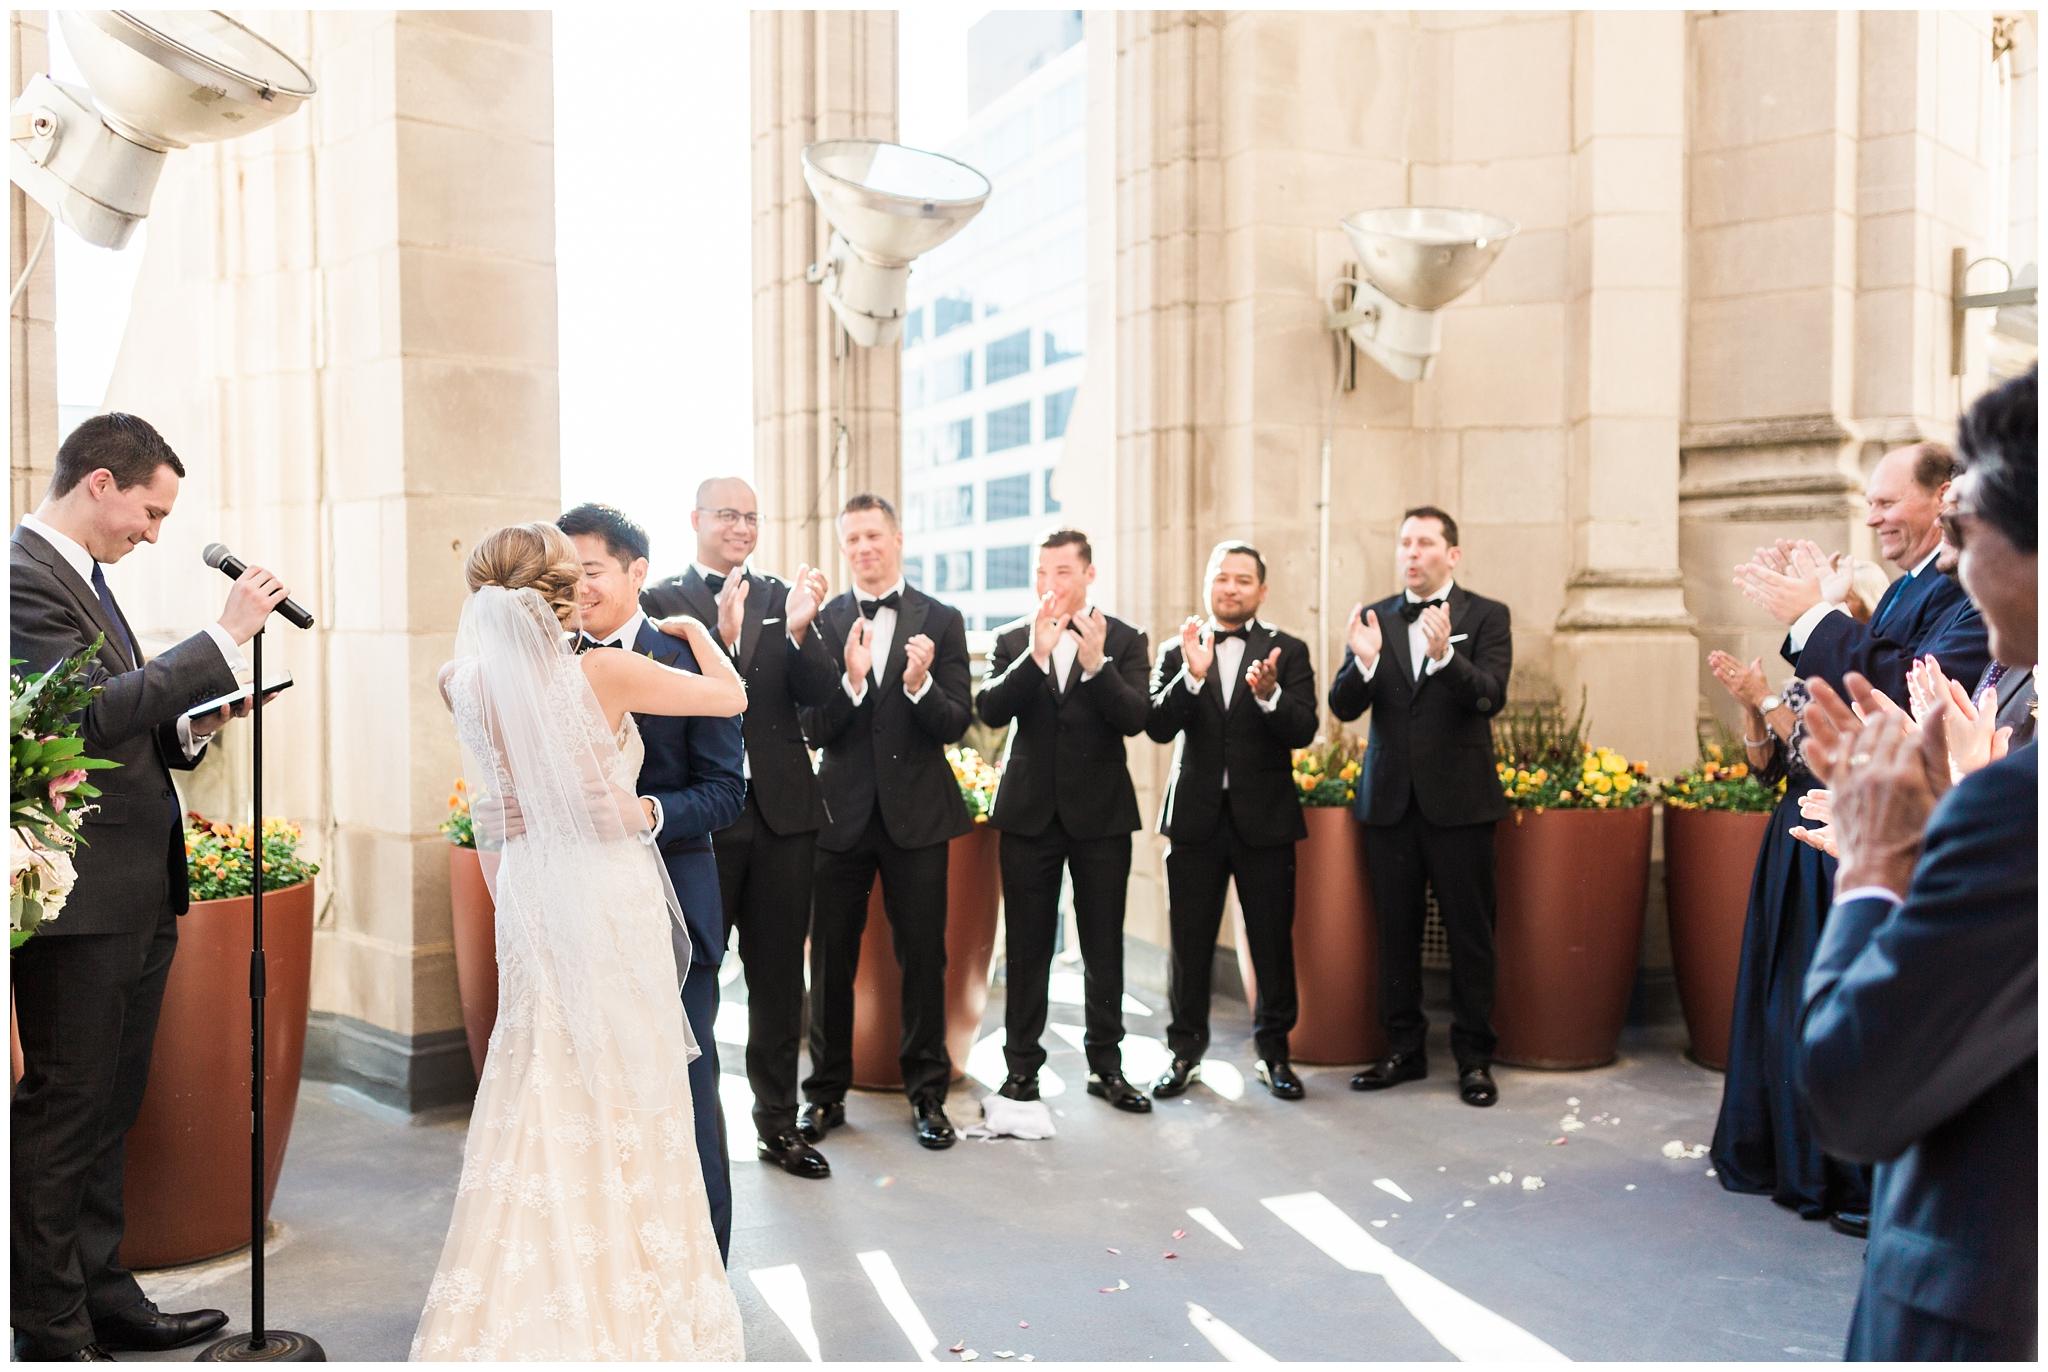 RebeccaHaleyPhotography_Denverweddingphotographer_Denverbride_coloradobride_chicagobride_chicagowedding_tribunetowerwedding_chicagoweddingphotographer_0061.jpg